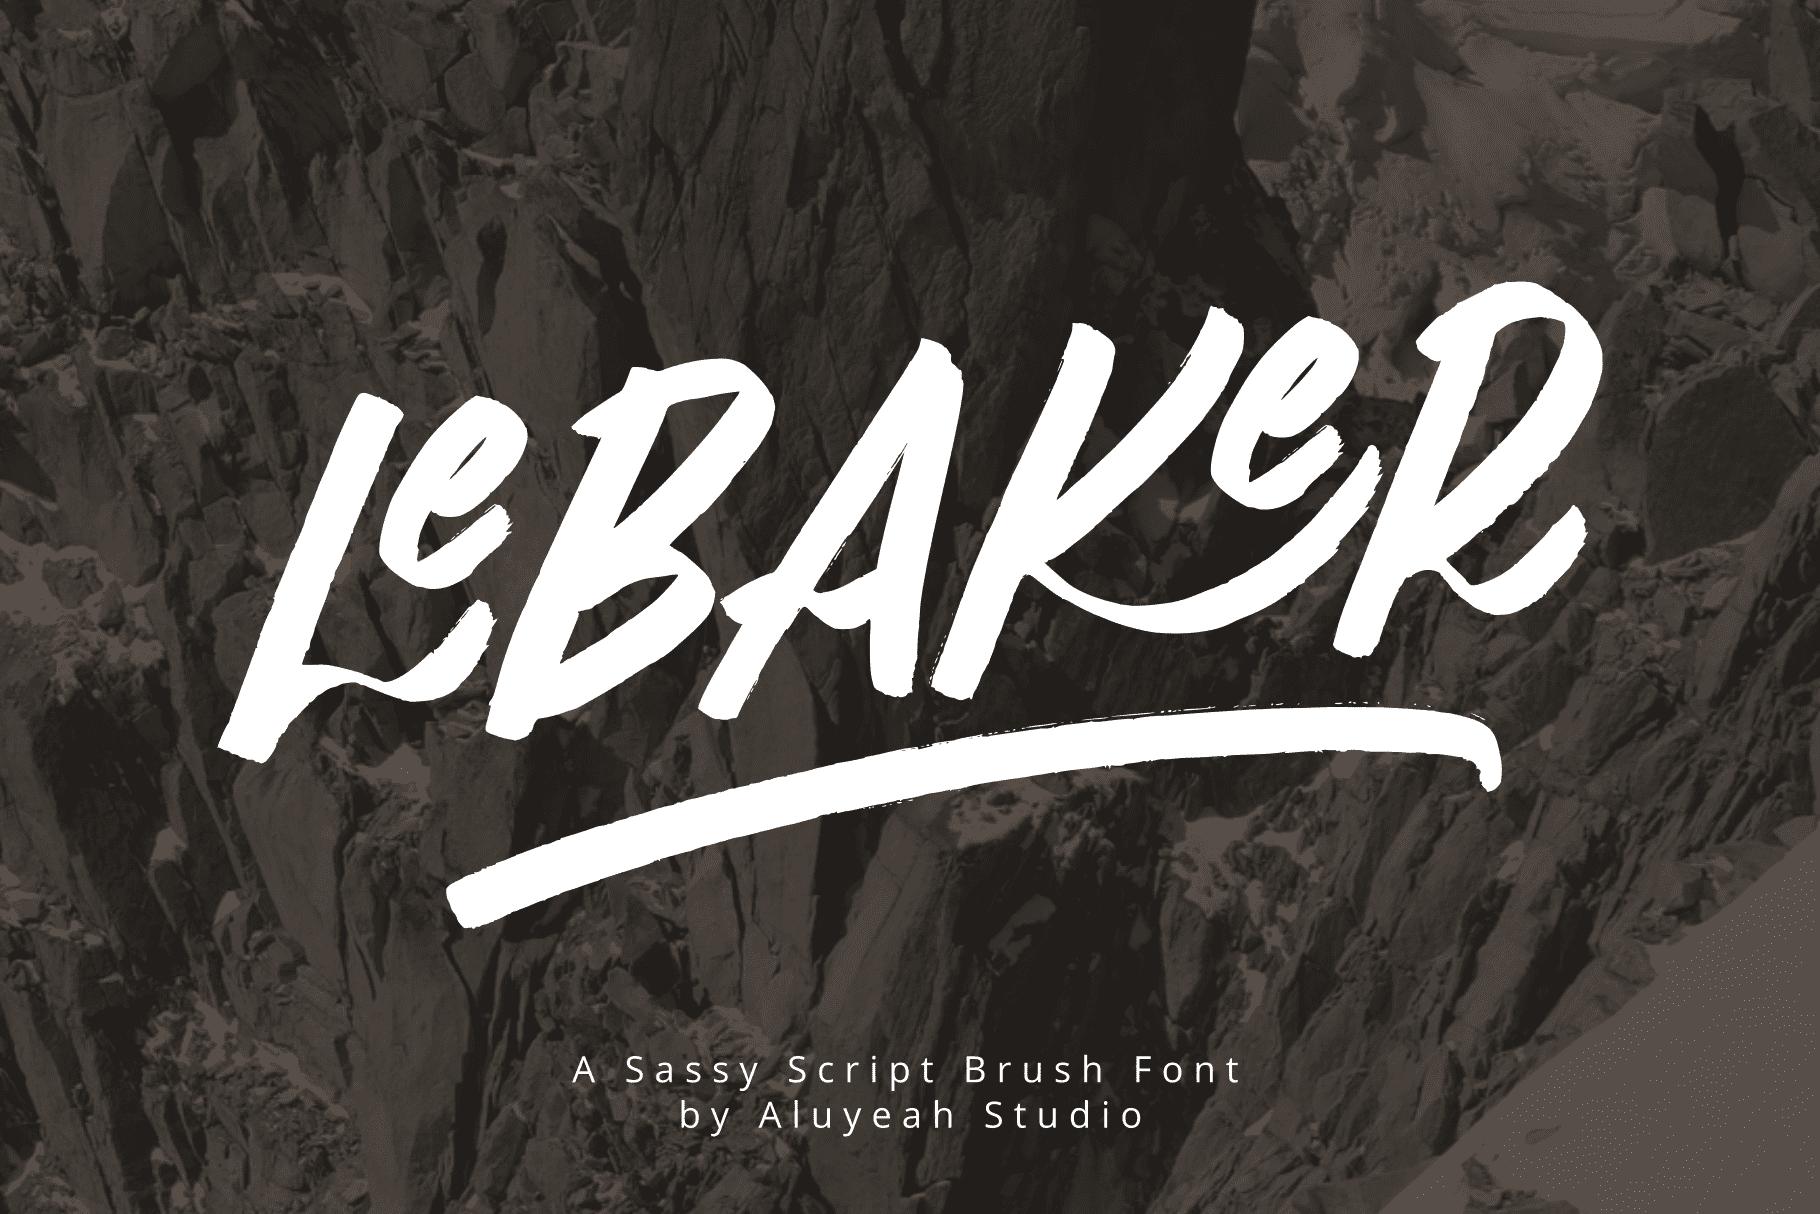 LeBaker Preview